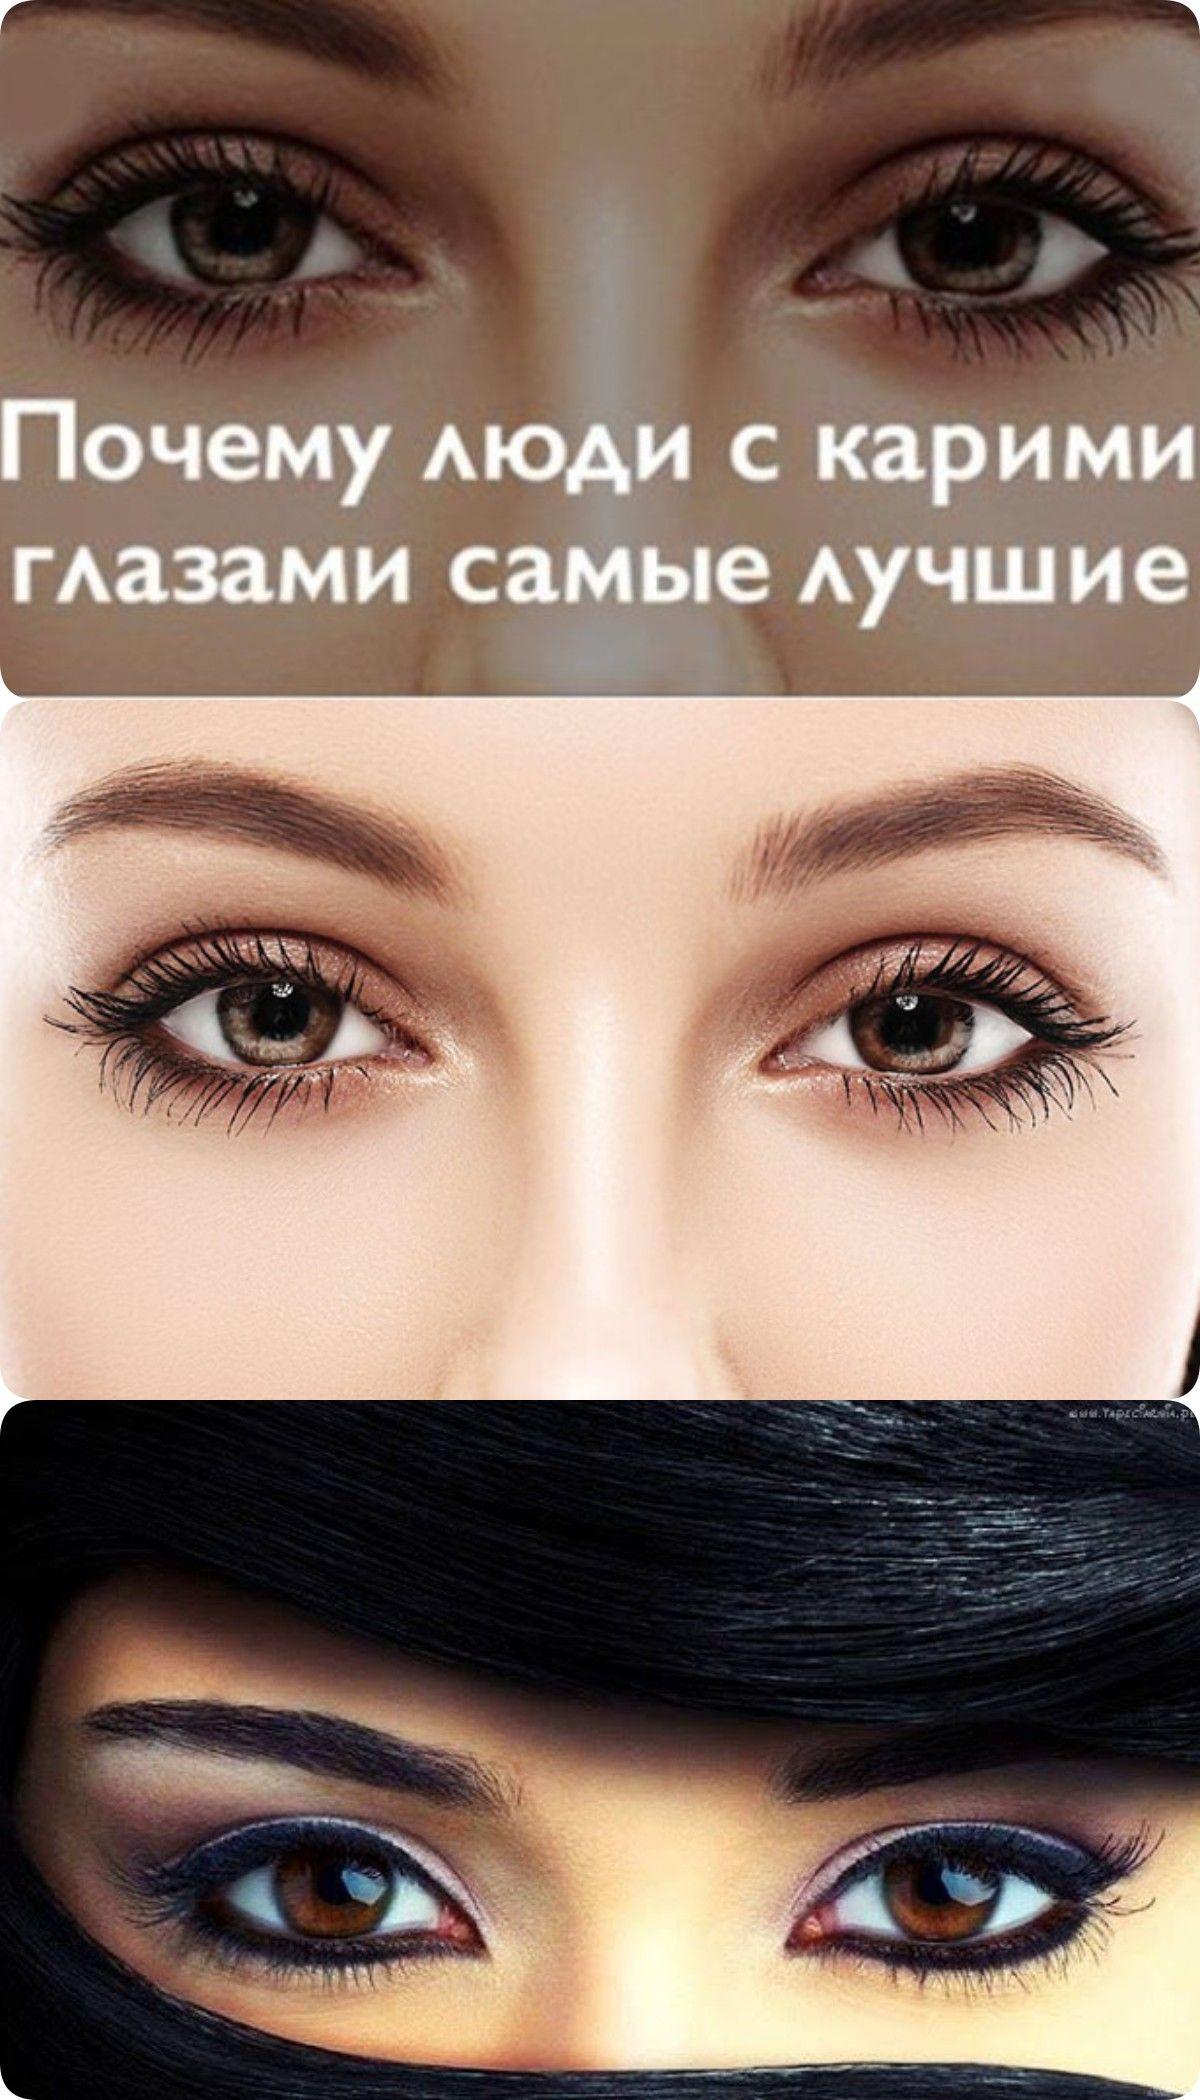 вижу фото с надписью про карие глаза радость